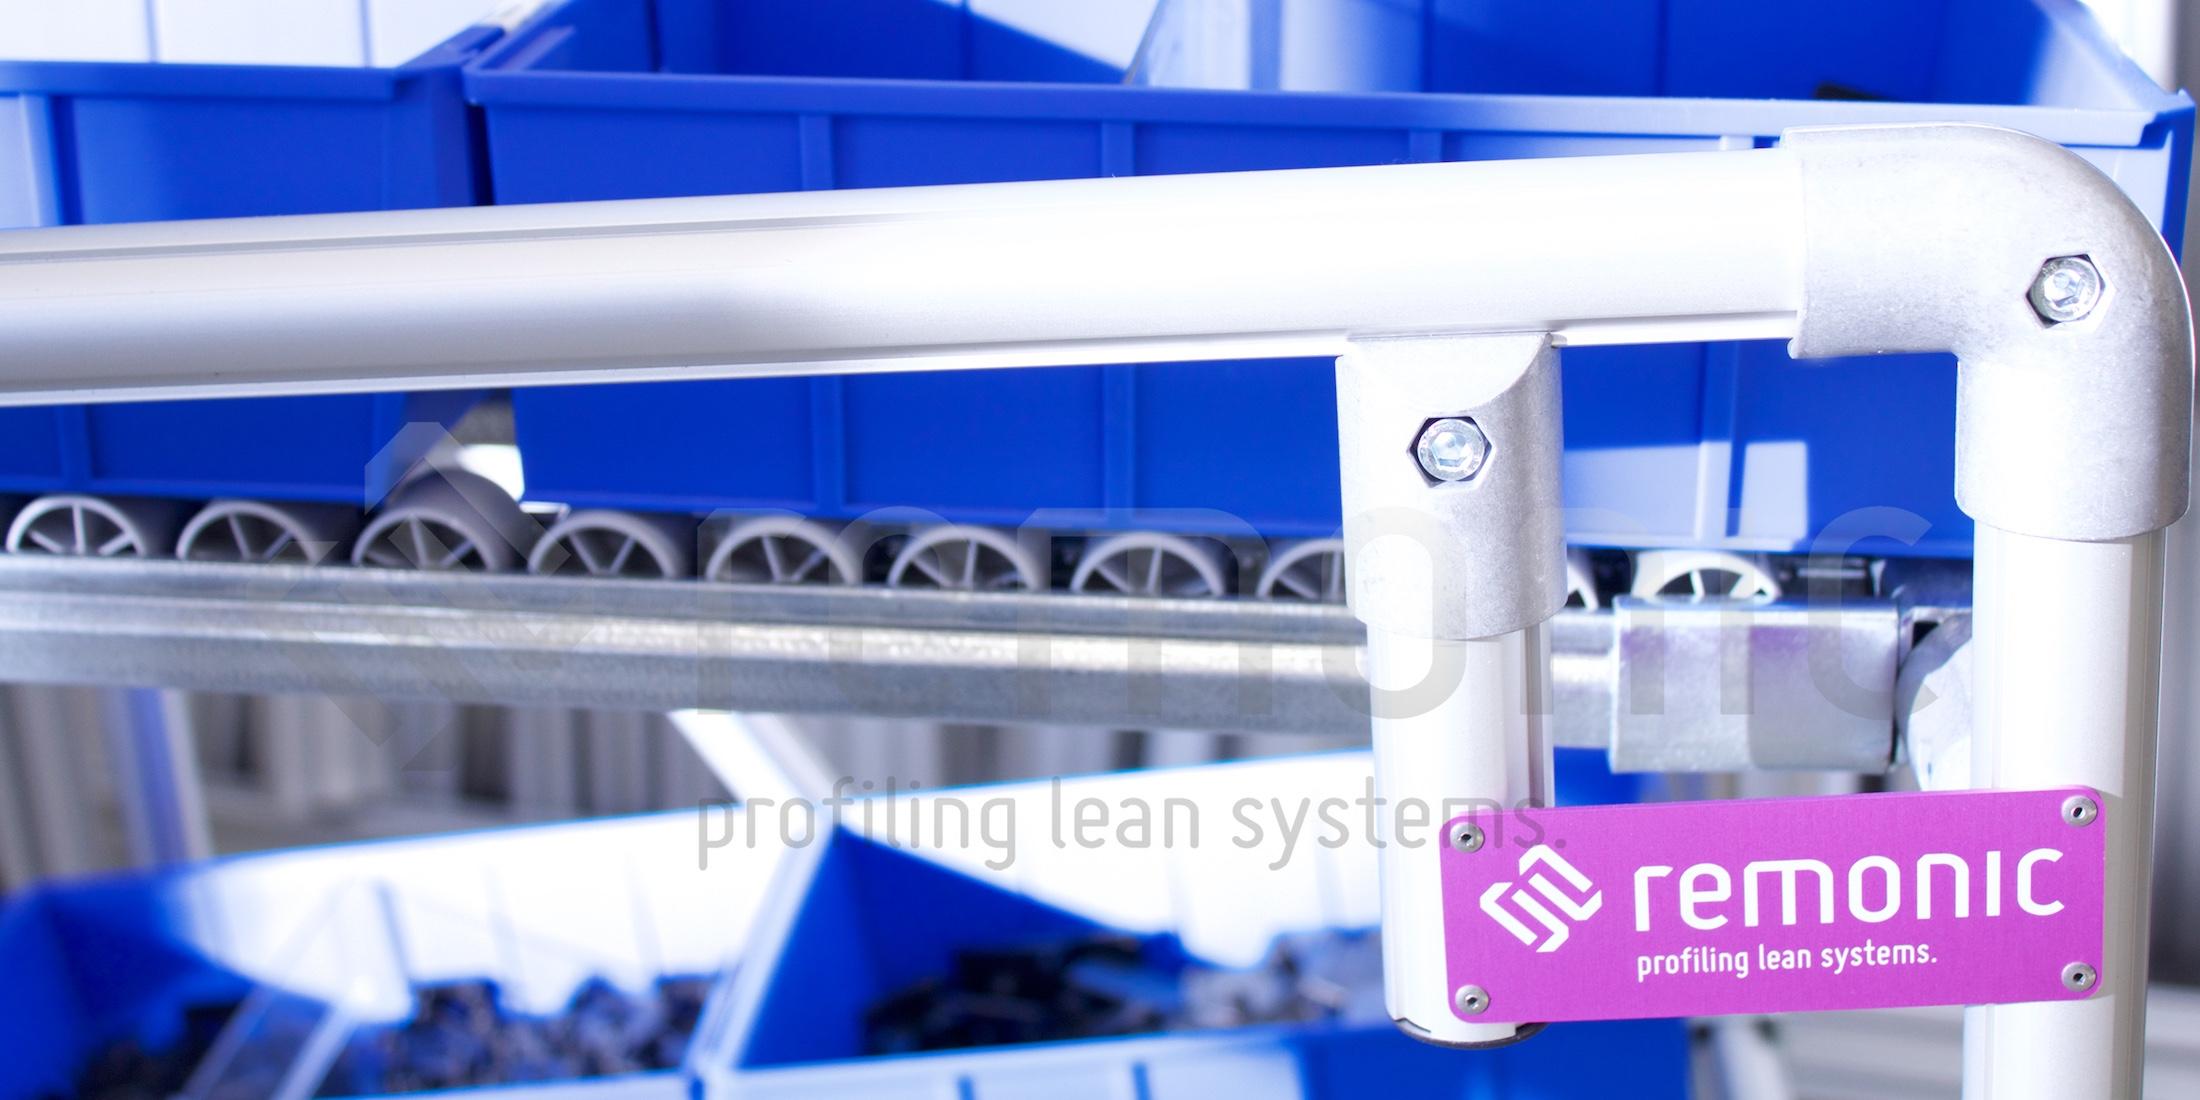 Als Hersteller von standardisierten Zuführsystemen und Regalen für Ihren Materialfluss hat sich remonic® einen guten Namen auf dem Markt gemacht.